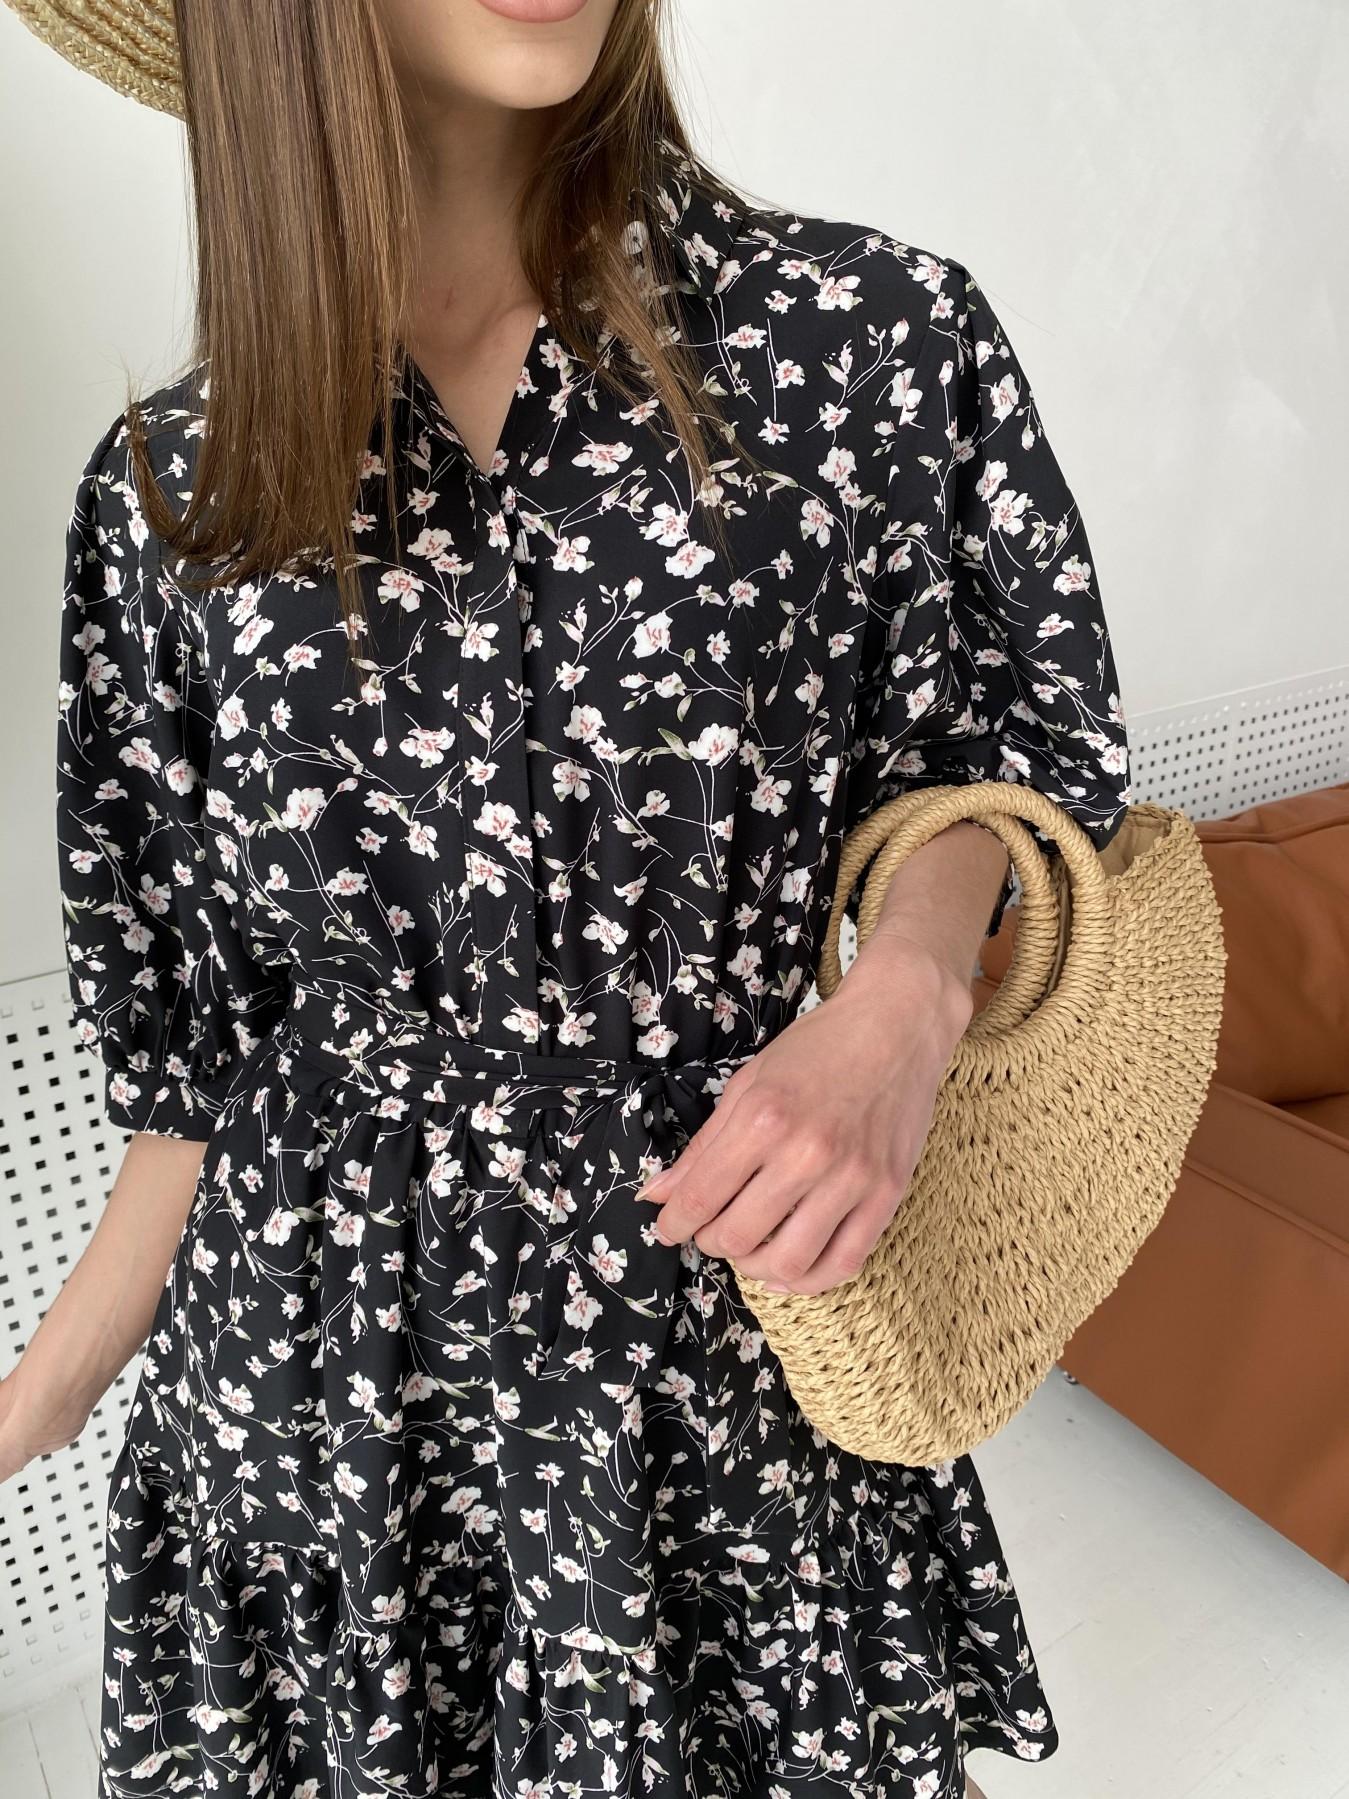 Молизе платье с коротким рукавом из софт ткани в принт 11315 АРТ. 47852 Цвет: Черный/молоко, Цветы - фото 8, интернет магазин tm-modus.ru